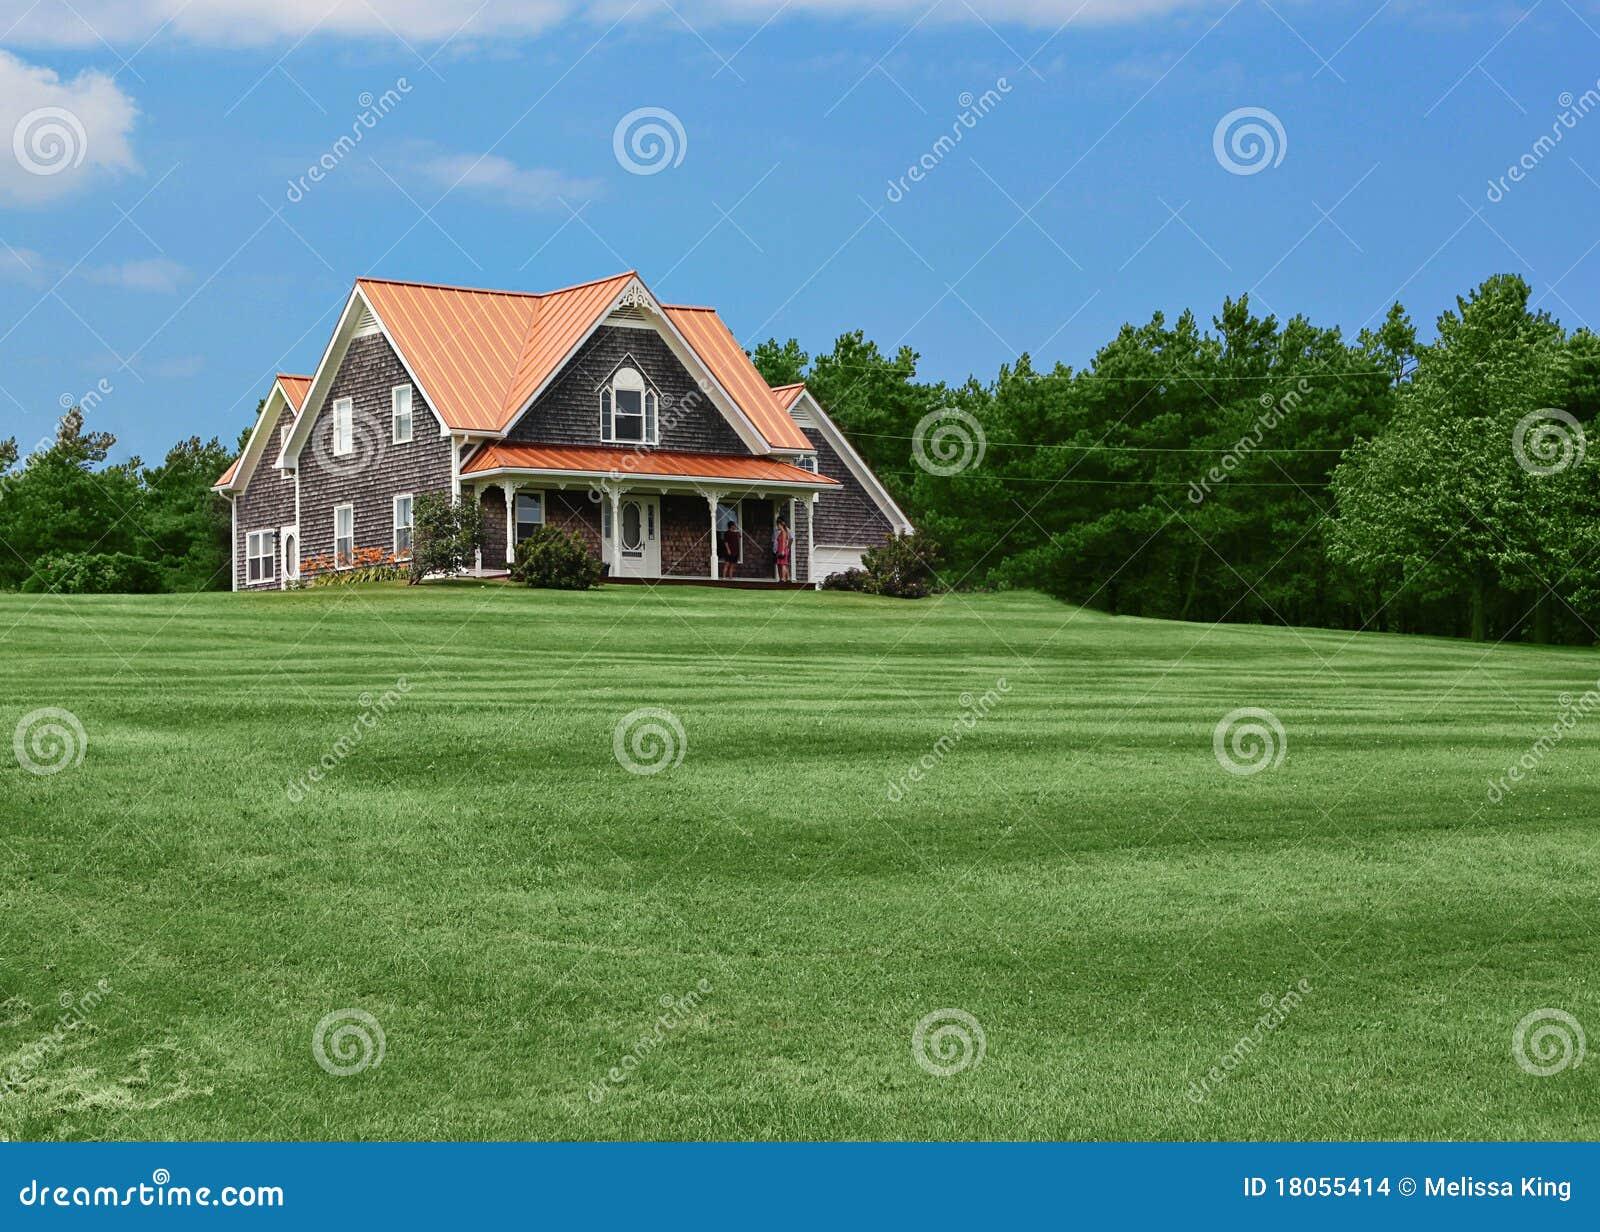 Casa Di Campagna E Prato Inglese Immagini Stock - Immagine: 18055414